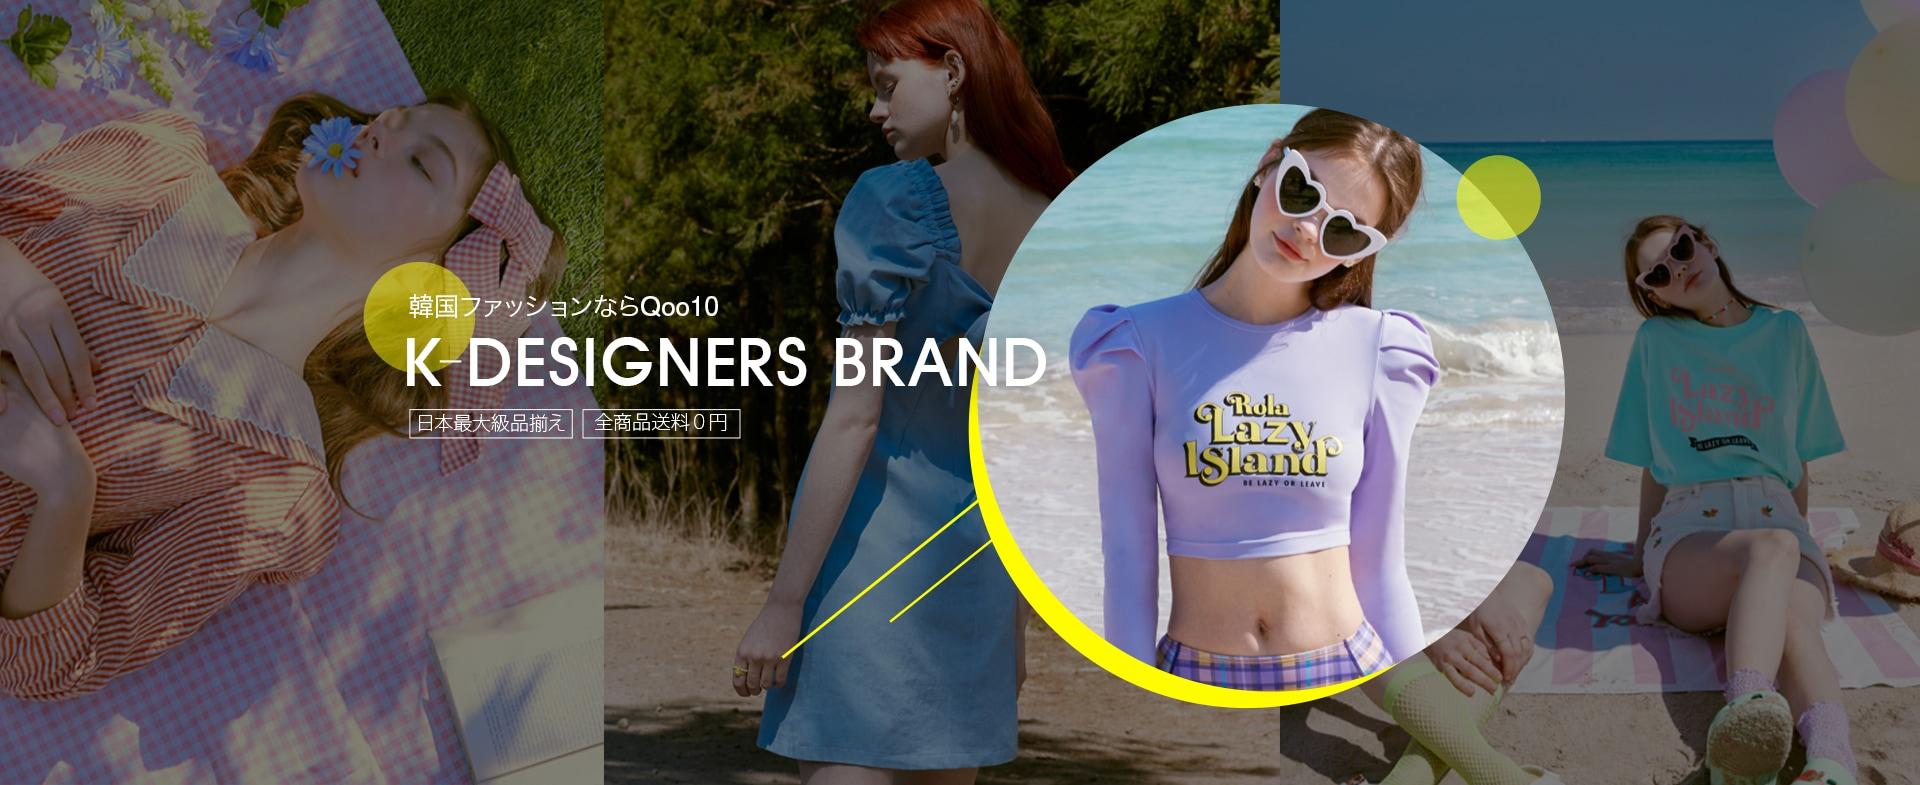 K-DESIGNERS BRAND